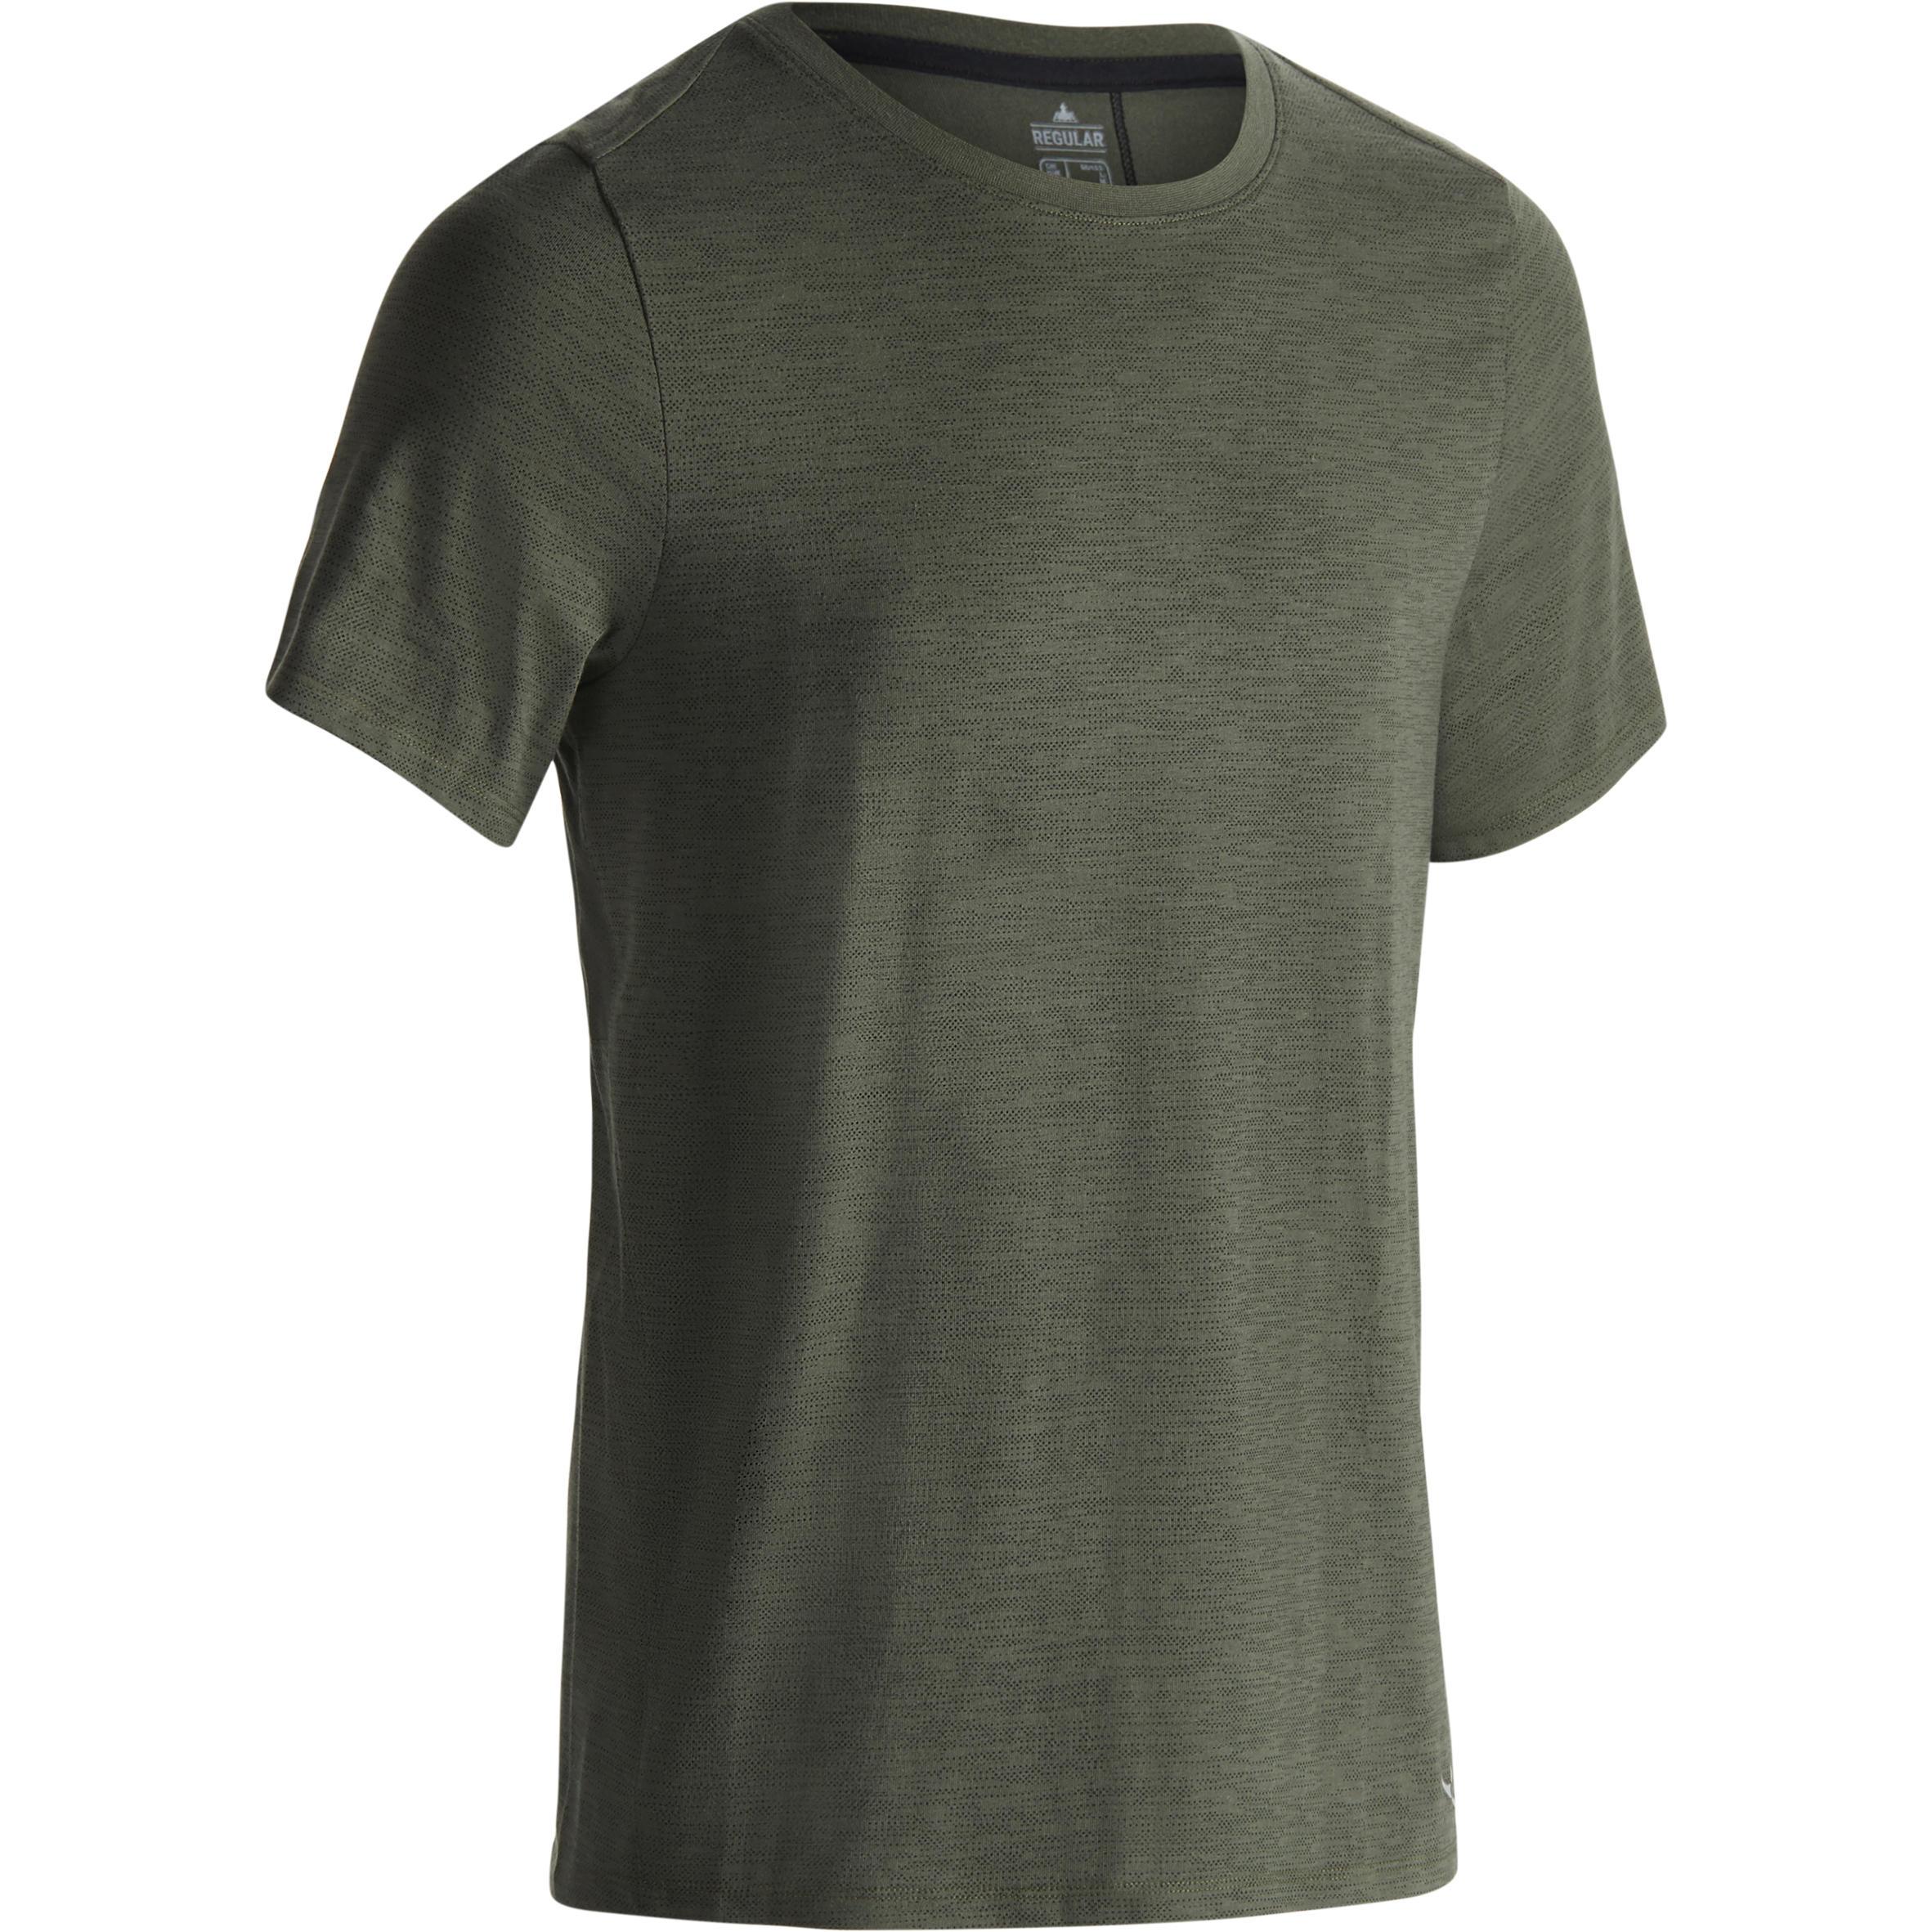 Domyos Heren T-shirt 520 voor gym en pilates, regular fit, ronde hals